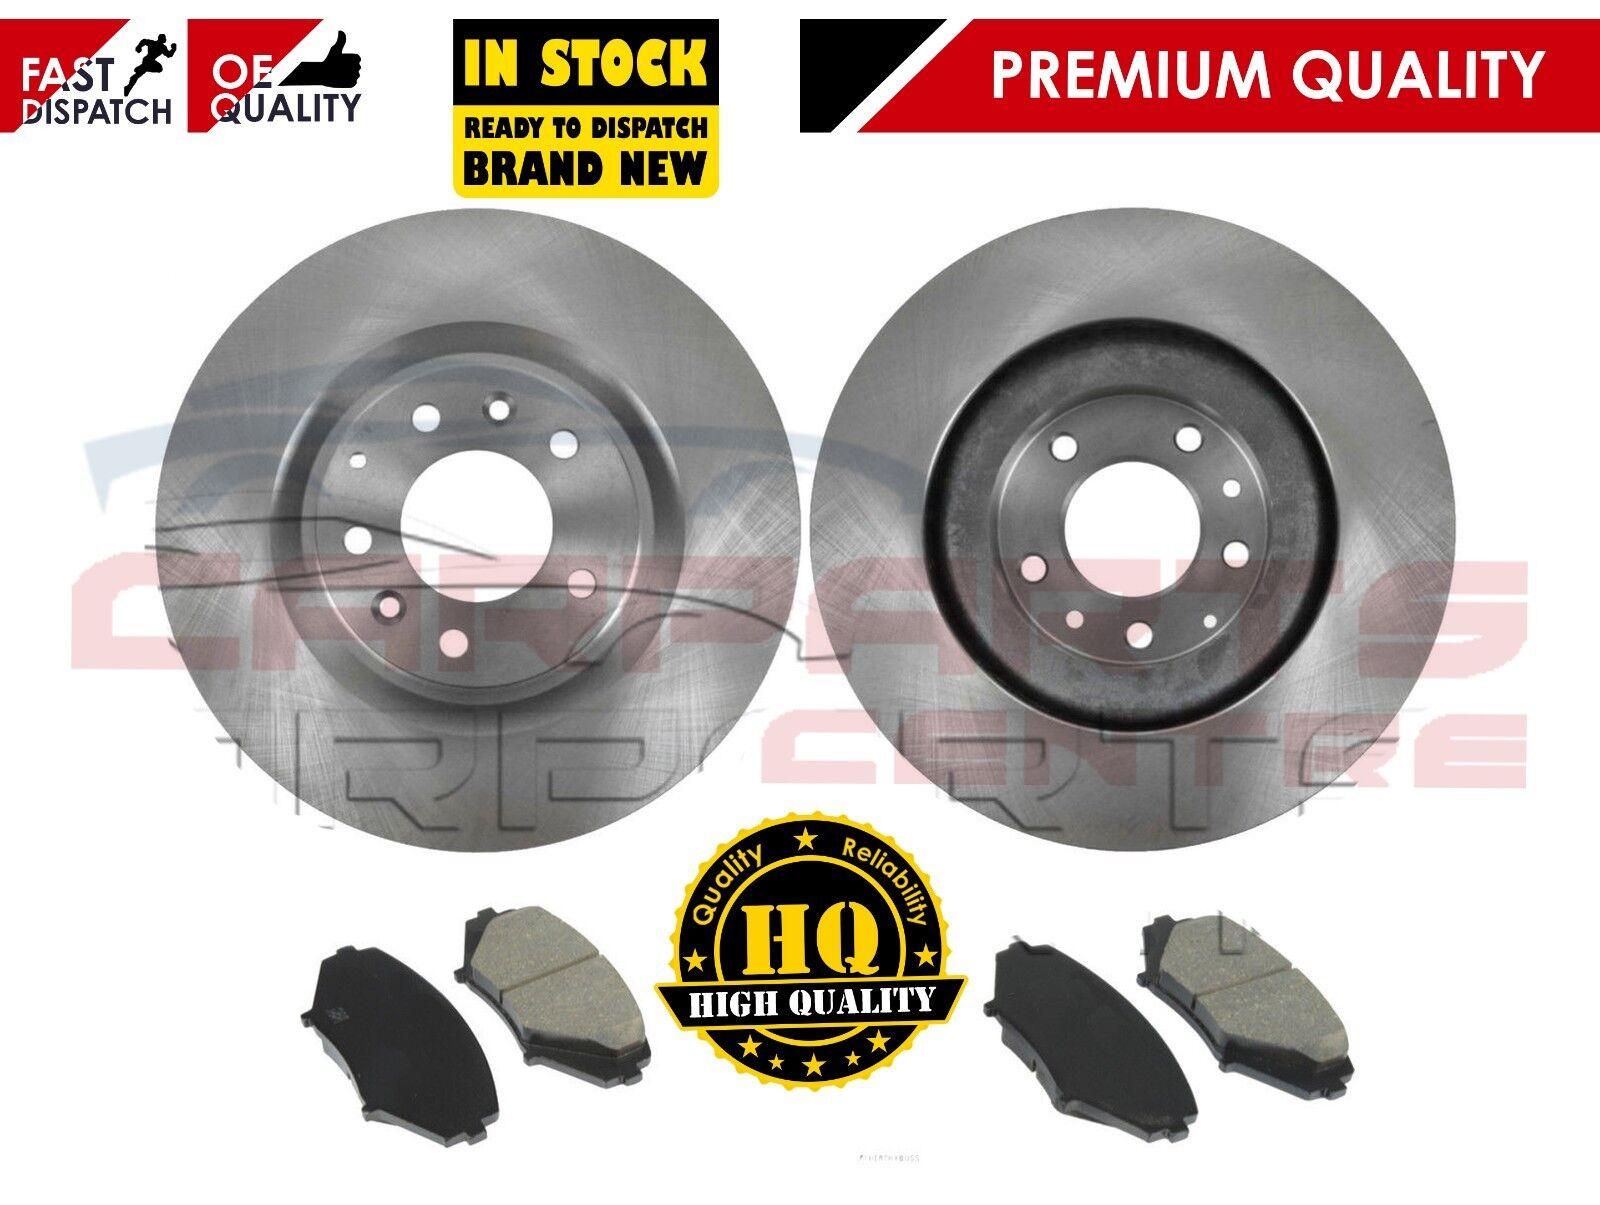 MAZDA RX8 FRONT MINTEX BRAKE DISC 323 MM VENTED DISCS MINTEX PAD PADS SET 2003/>/>